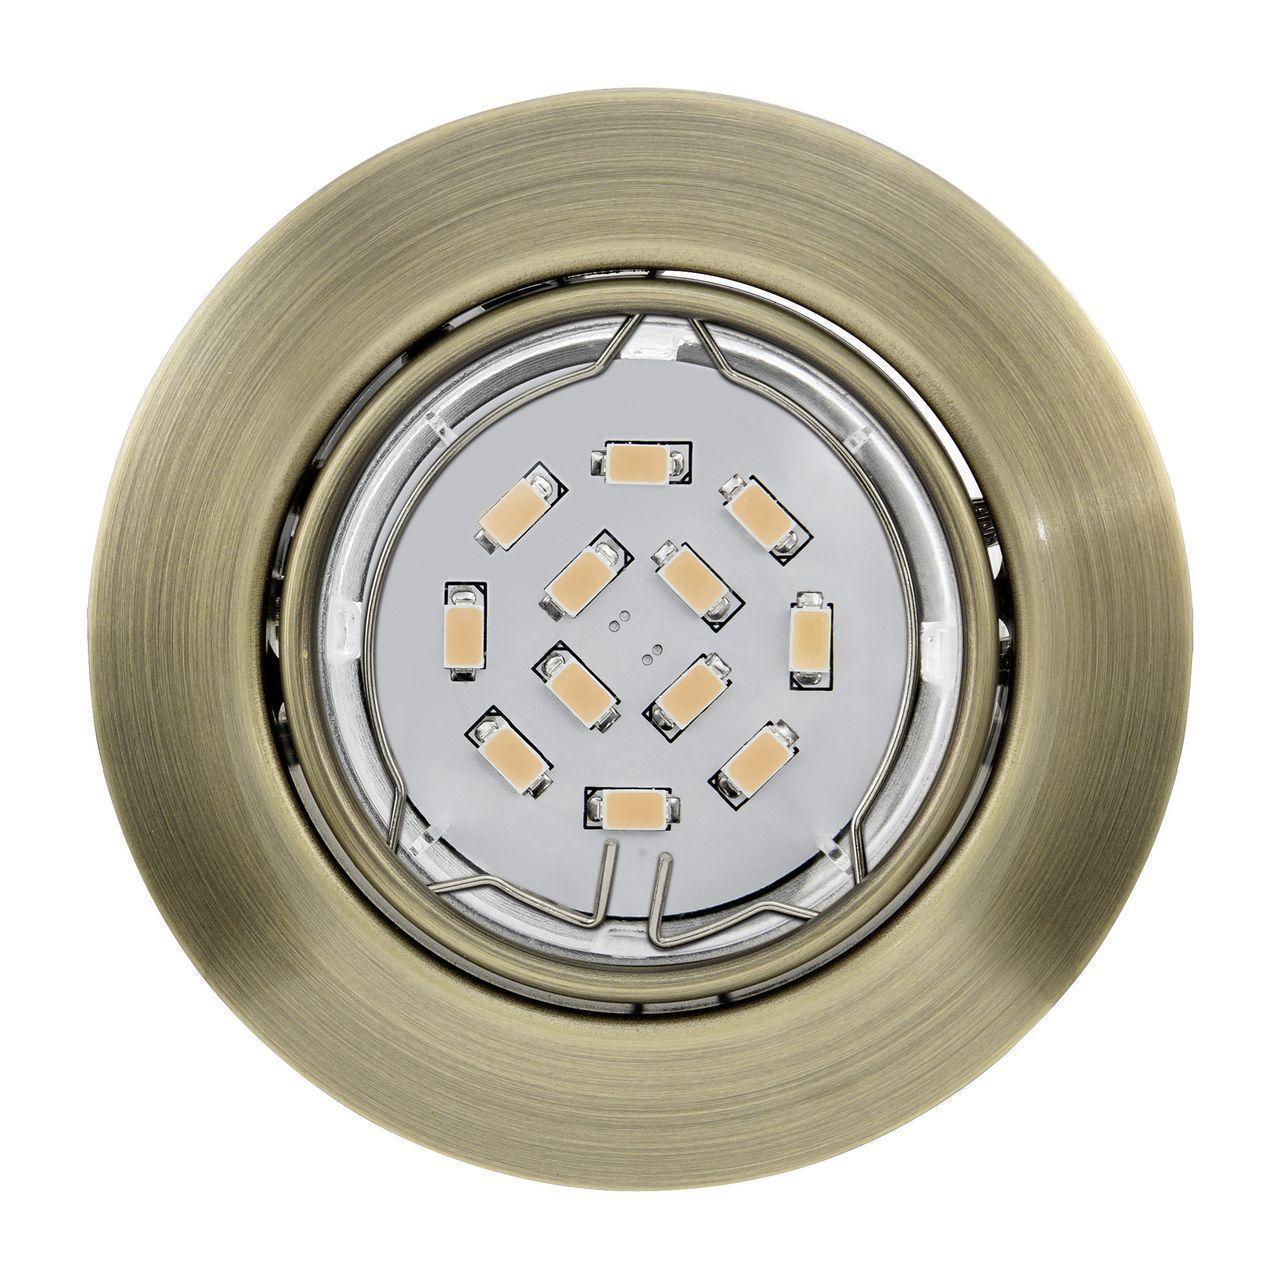 Встраиваемый светильник Eglo Peneto 94243 eglo встраиваемый светильник eglo peneto 94239